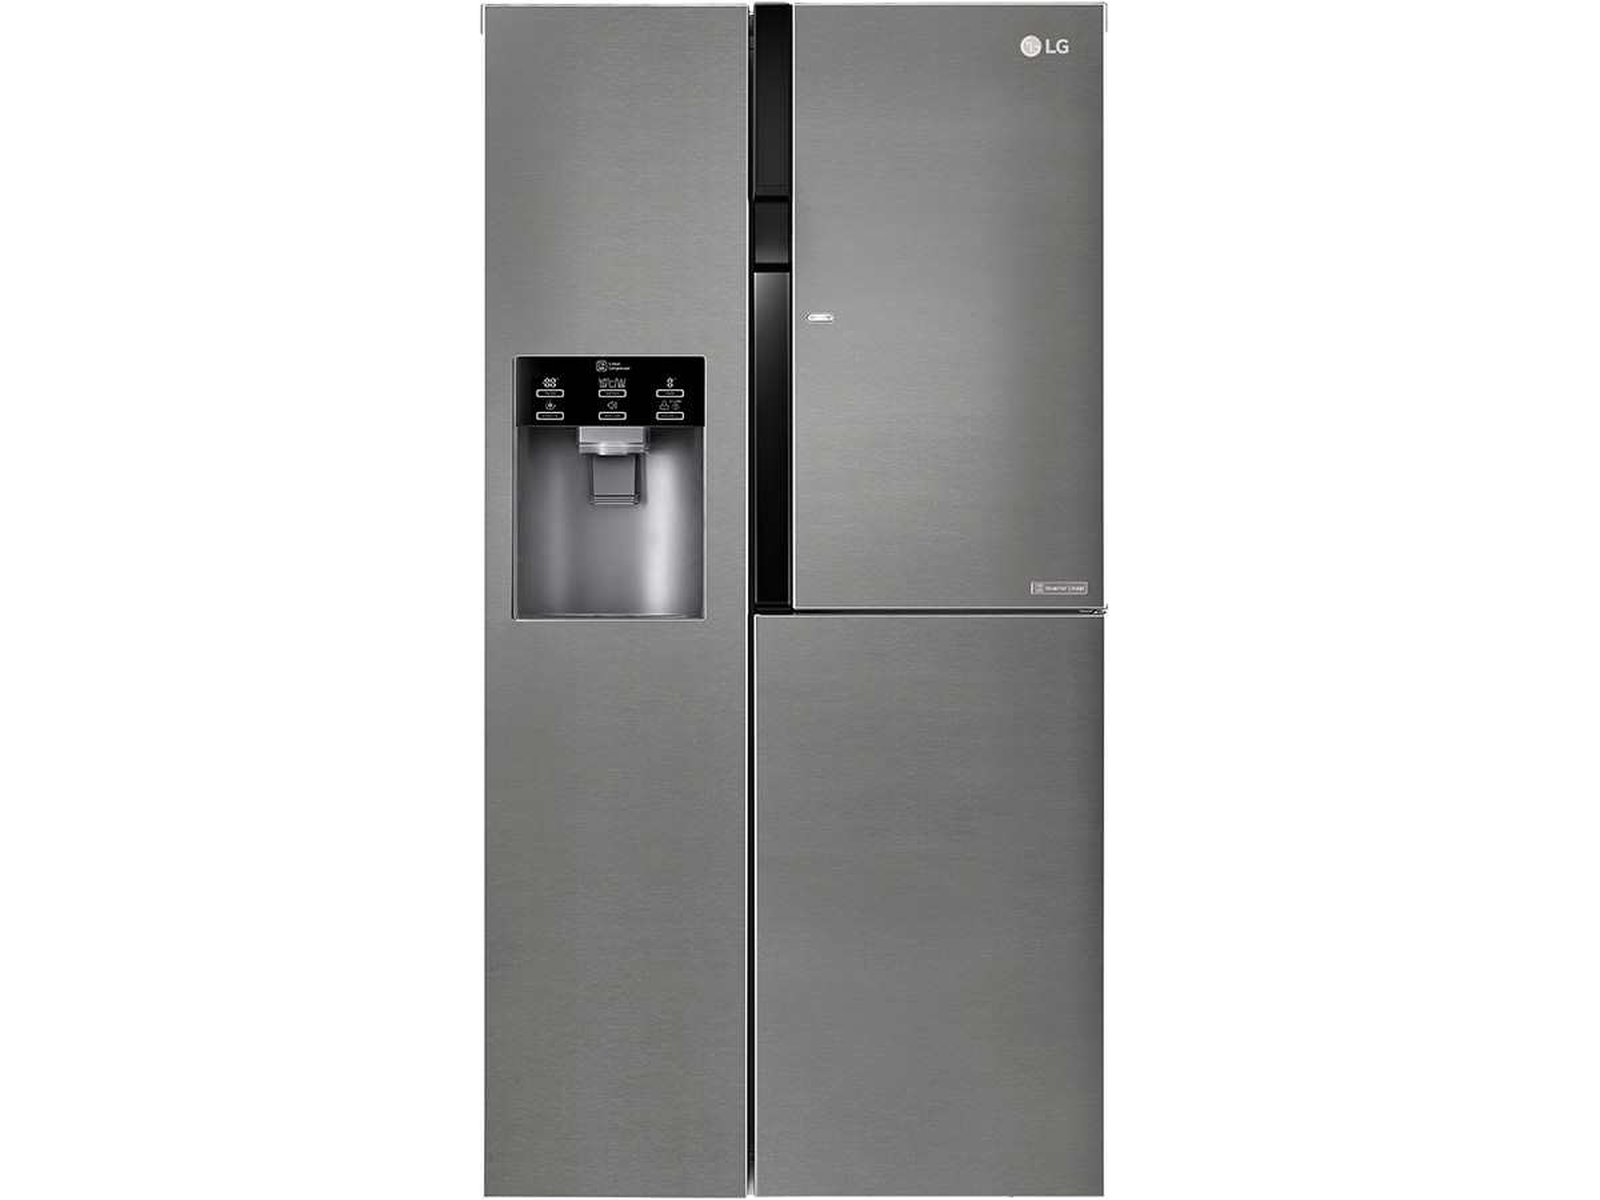 Siemens Kühlschrank Verliert Wasser : Smeg kühlschrank wasser läuft nicht ab anleitung wasserfilter